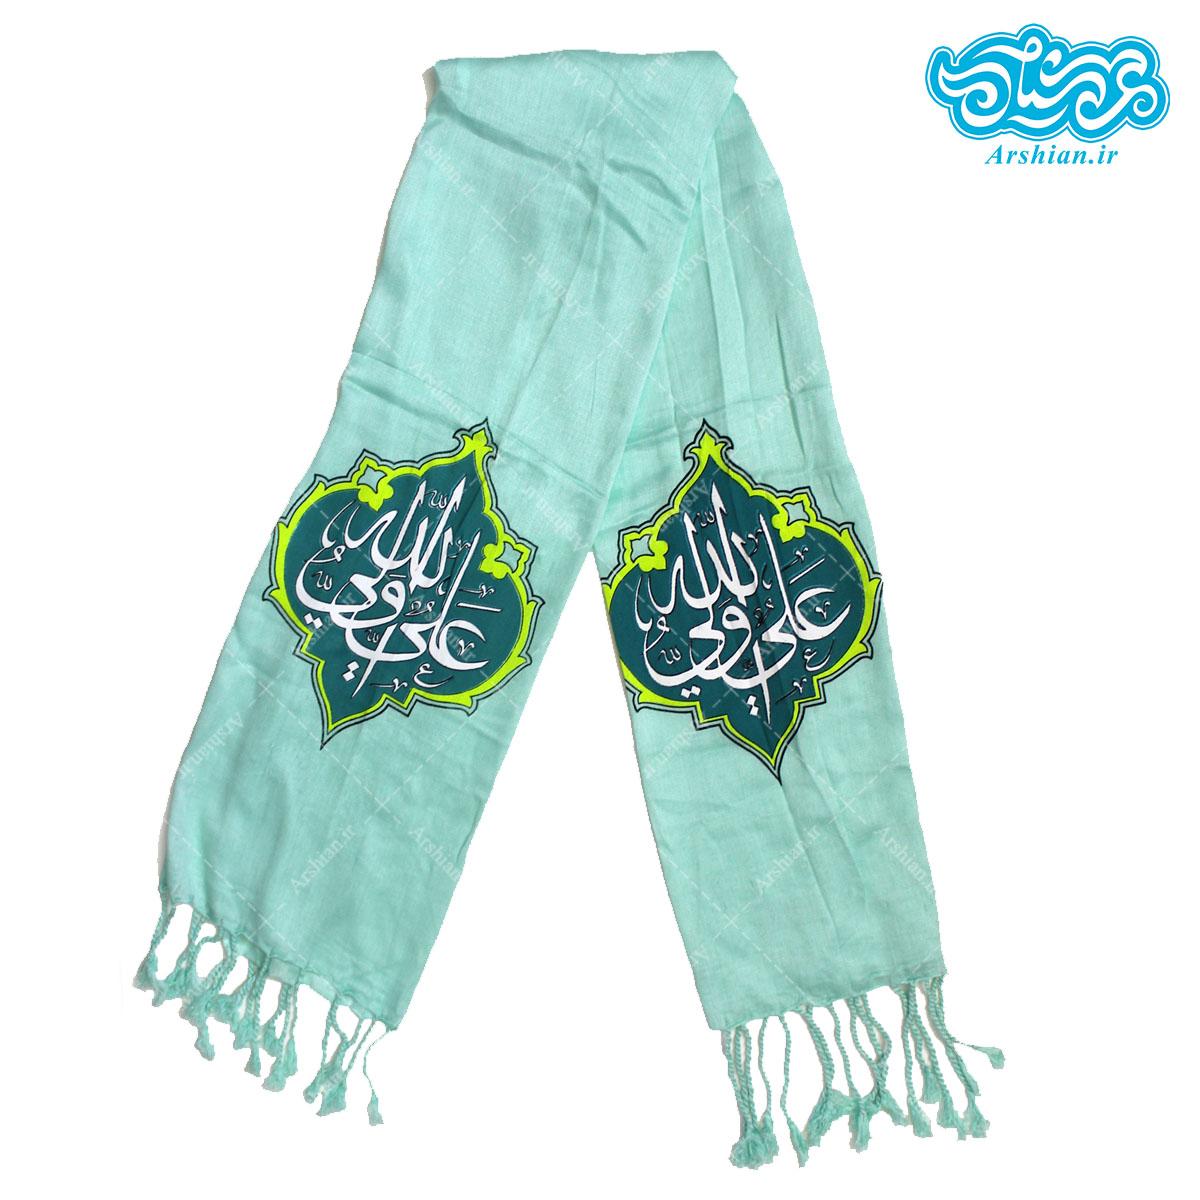 شال باطرح علی ولی الله